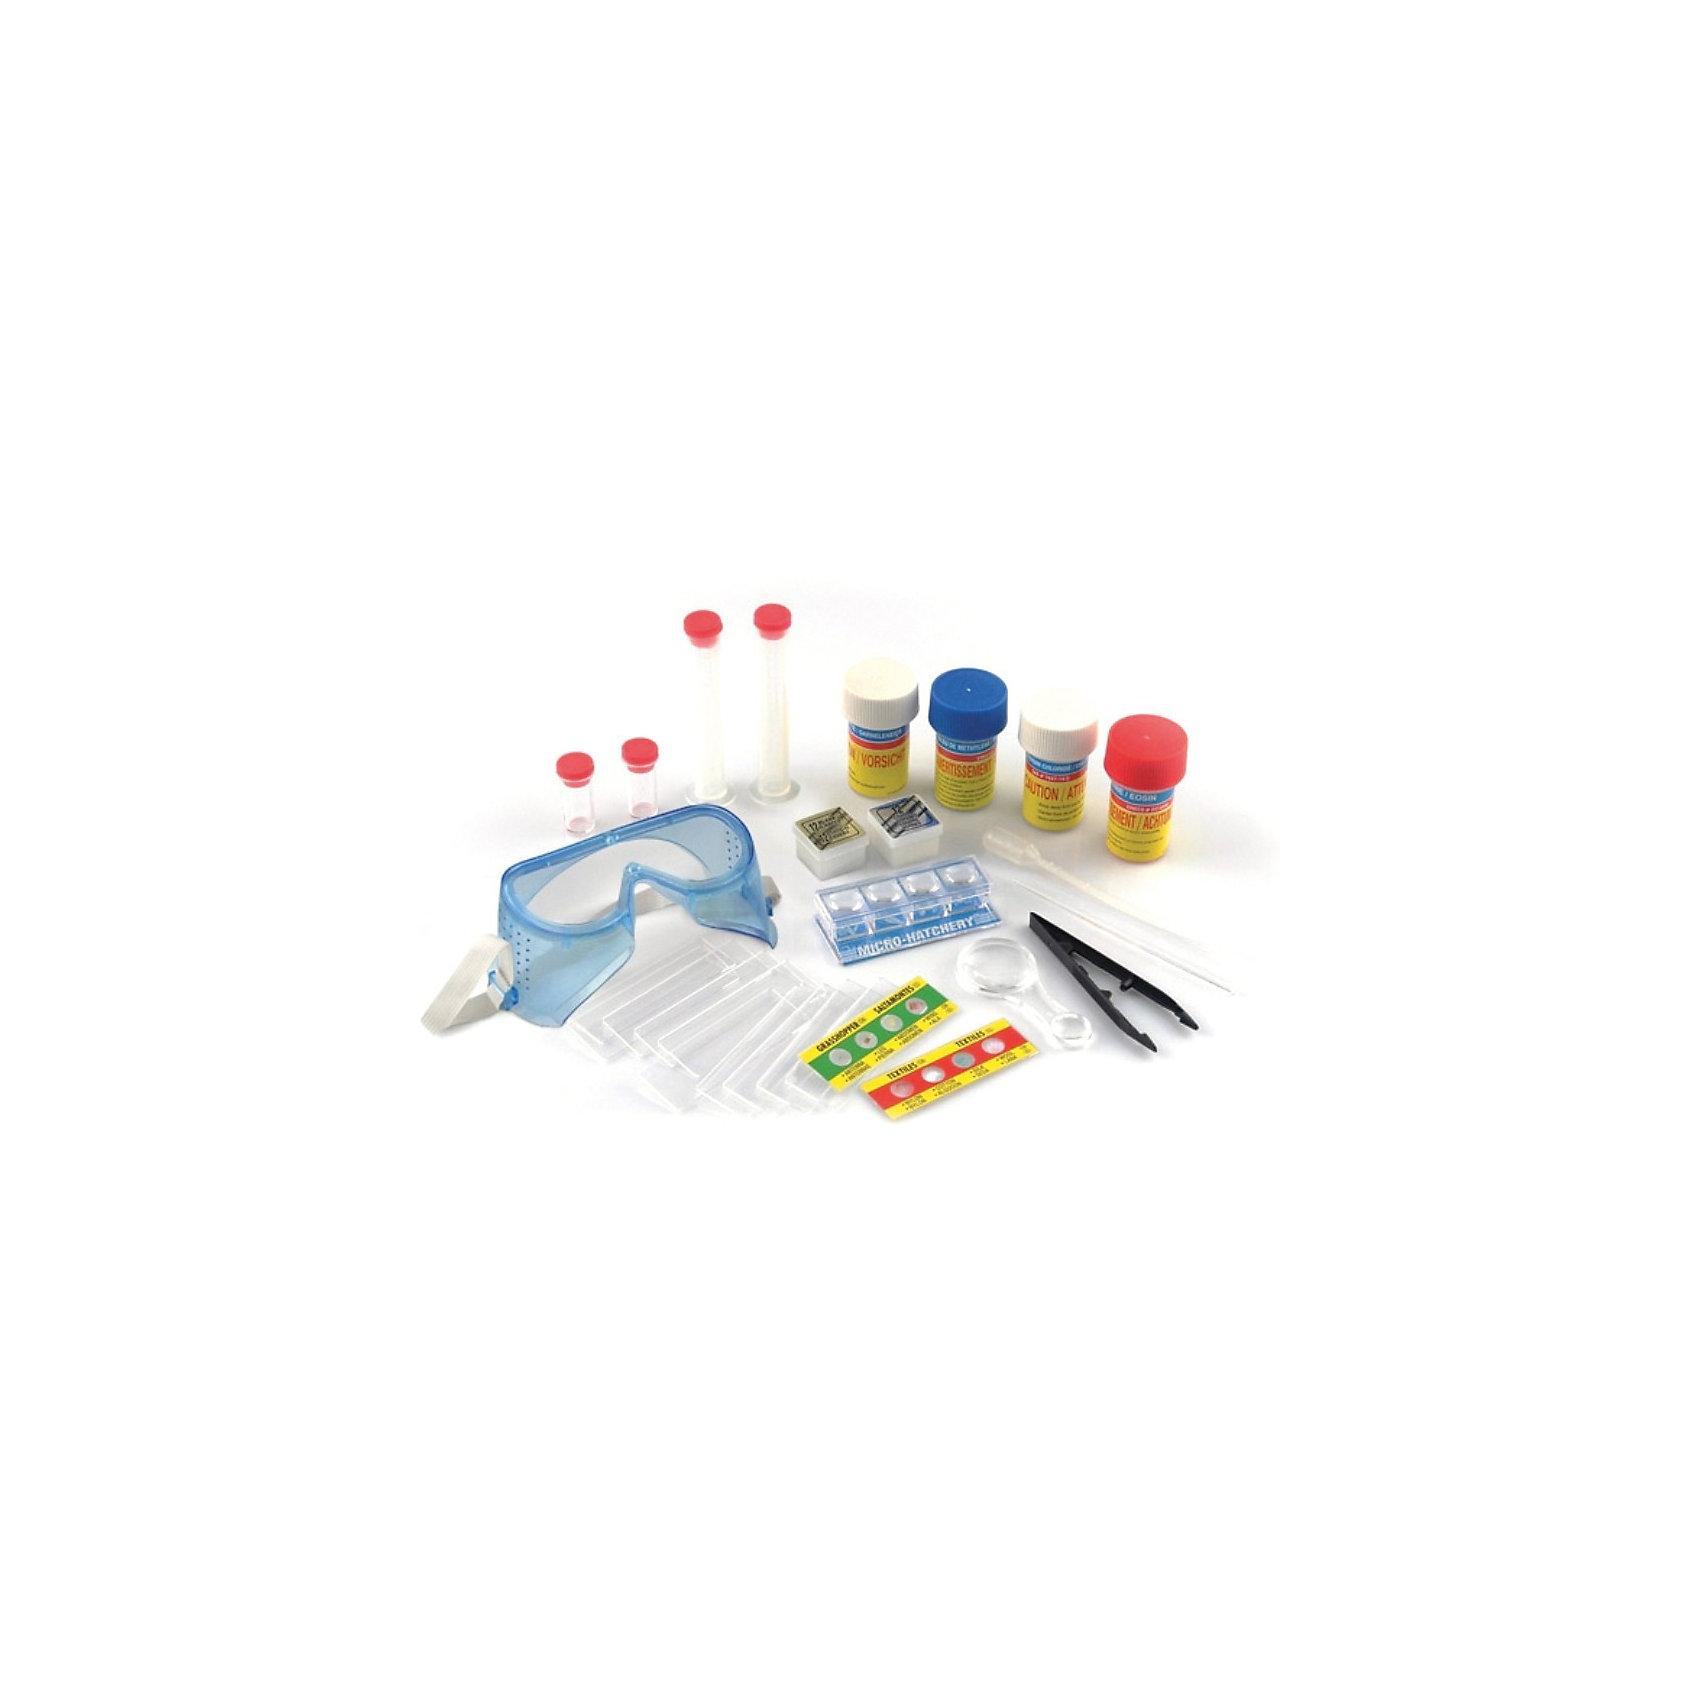 Набор для микроскопа SM063, EDU-TOYSМикроскопы<br>Этот набор для микроскопа приведет в восторг всех юных исследователей. В наборе есть все, чтобы проводить настоящие эксперименты и микробиологические исследования. С этим набором ваш ребенок каждый день будет совершать новый открытия и получать море положительных эмоций и удовольствия. <br><br>Дополнительная информация:<br><br>В комплекте: <br>- защитные очки, <br>- увеличительное стекло (х3, х6), <br>- 12 прозрачных пластинок, <br>- 12 стикеров, <br>- пинцет, <br>- пипетка, <br>- 2 большие пробирки с делением, <br>- 2 маленькие пробирки, <br>- палочка для помешивания, <br>- контейнеры с увеличением, <br>- набор стекол 10 шт, <br>- 2 стекла с препаратами для микроскопа, <br>- 4 баночки с веществами (икра креветки, краситель, синька, хлорка),<br>- инструкция.<br><br>Набор для микроскопа SM063, EDU-TOYS можно купить в нашем магазине.<br><br>Ширина мм: 242<br>Глубина мм: 240<br>Высота мм: 66<br>Вес г: 354<br>Возраст от месяцев: 120<br>Возраст до месяцев: 192<br>Пол: Унисекс<br>Возраст: Детский<br>SKU: 3726028